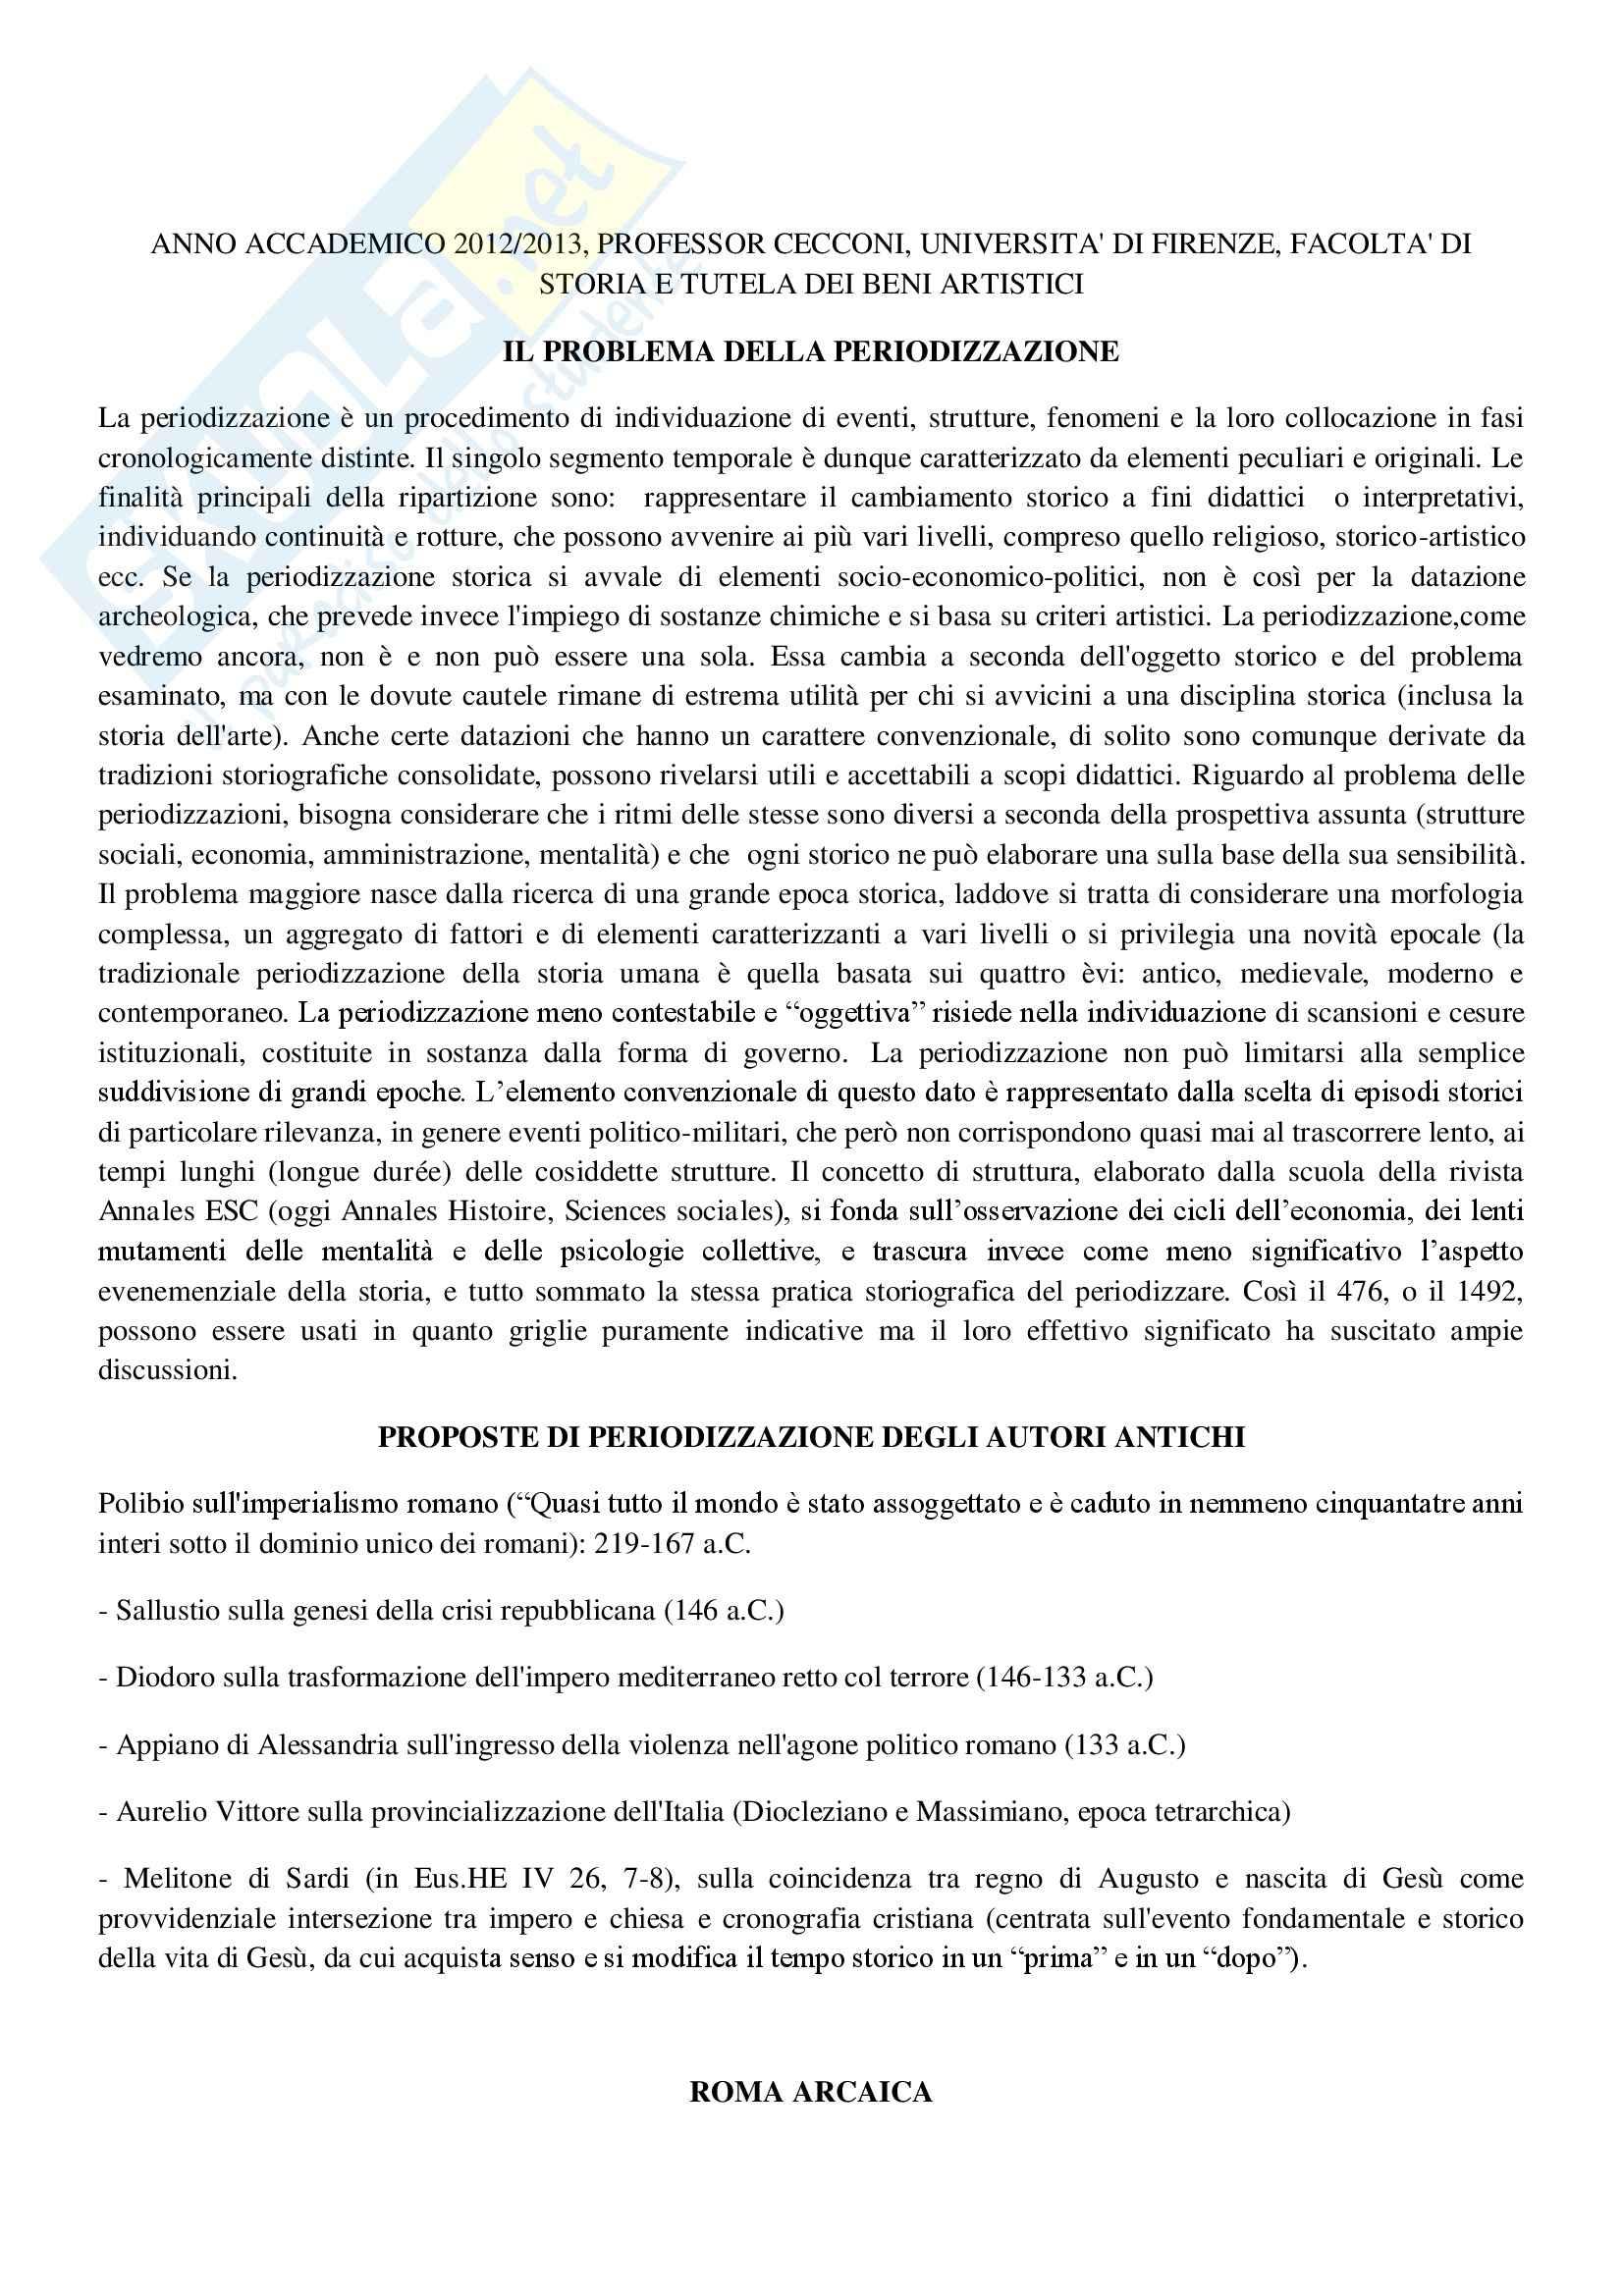 Riassunto esame Storia romana, prof. Cecconi, libro consigliato La città e l' impero-dalle origini a Teodosio il grande